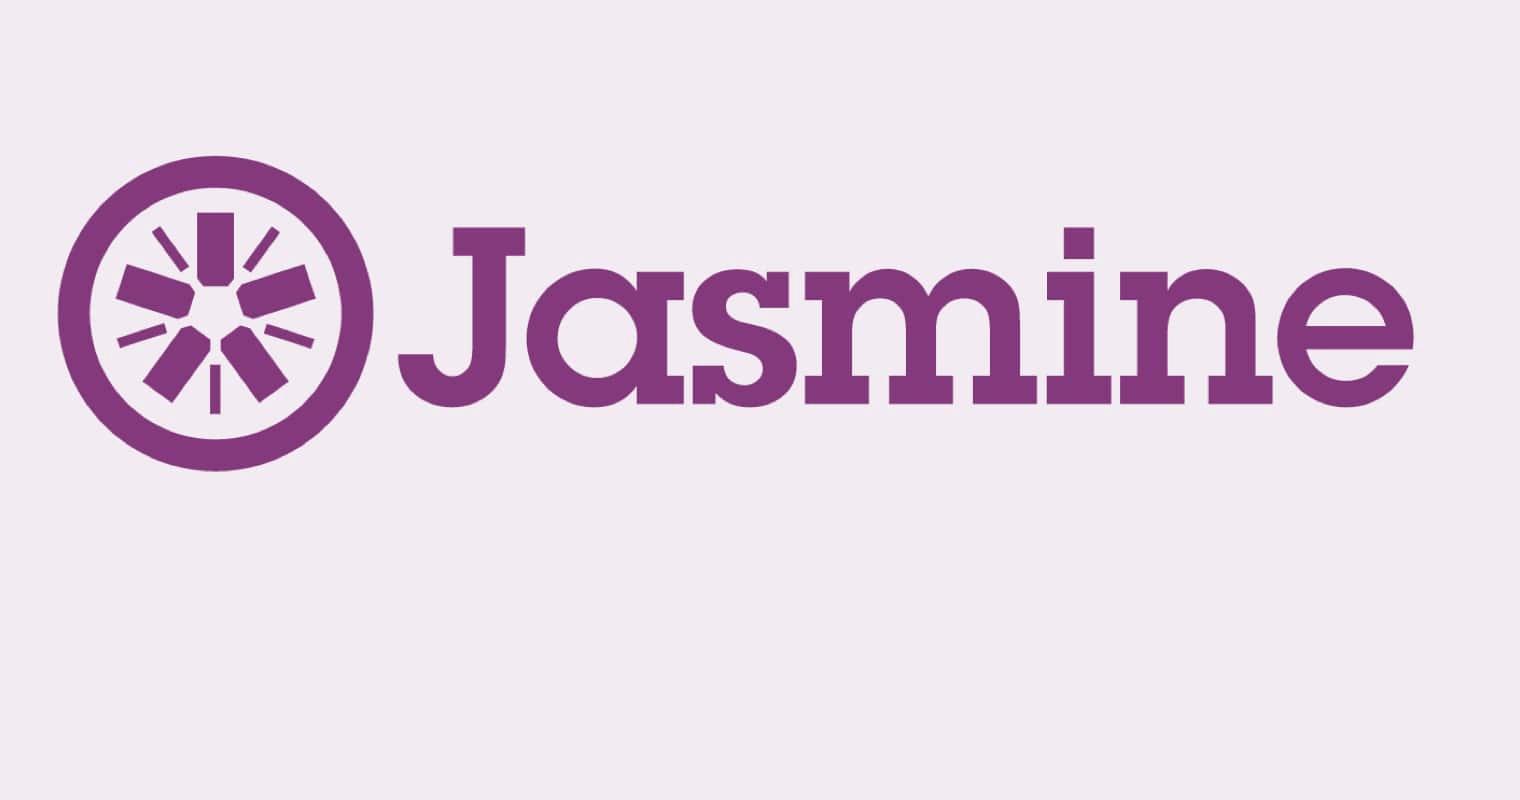 jasminejs